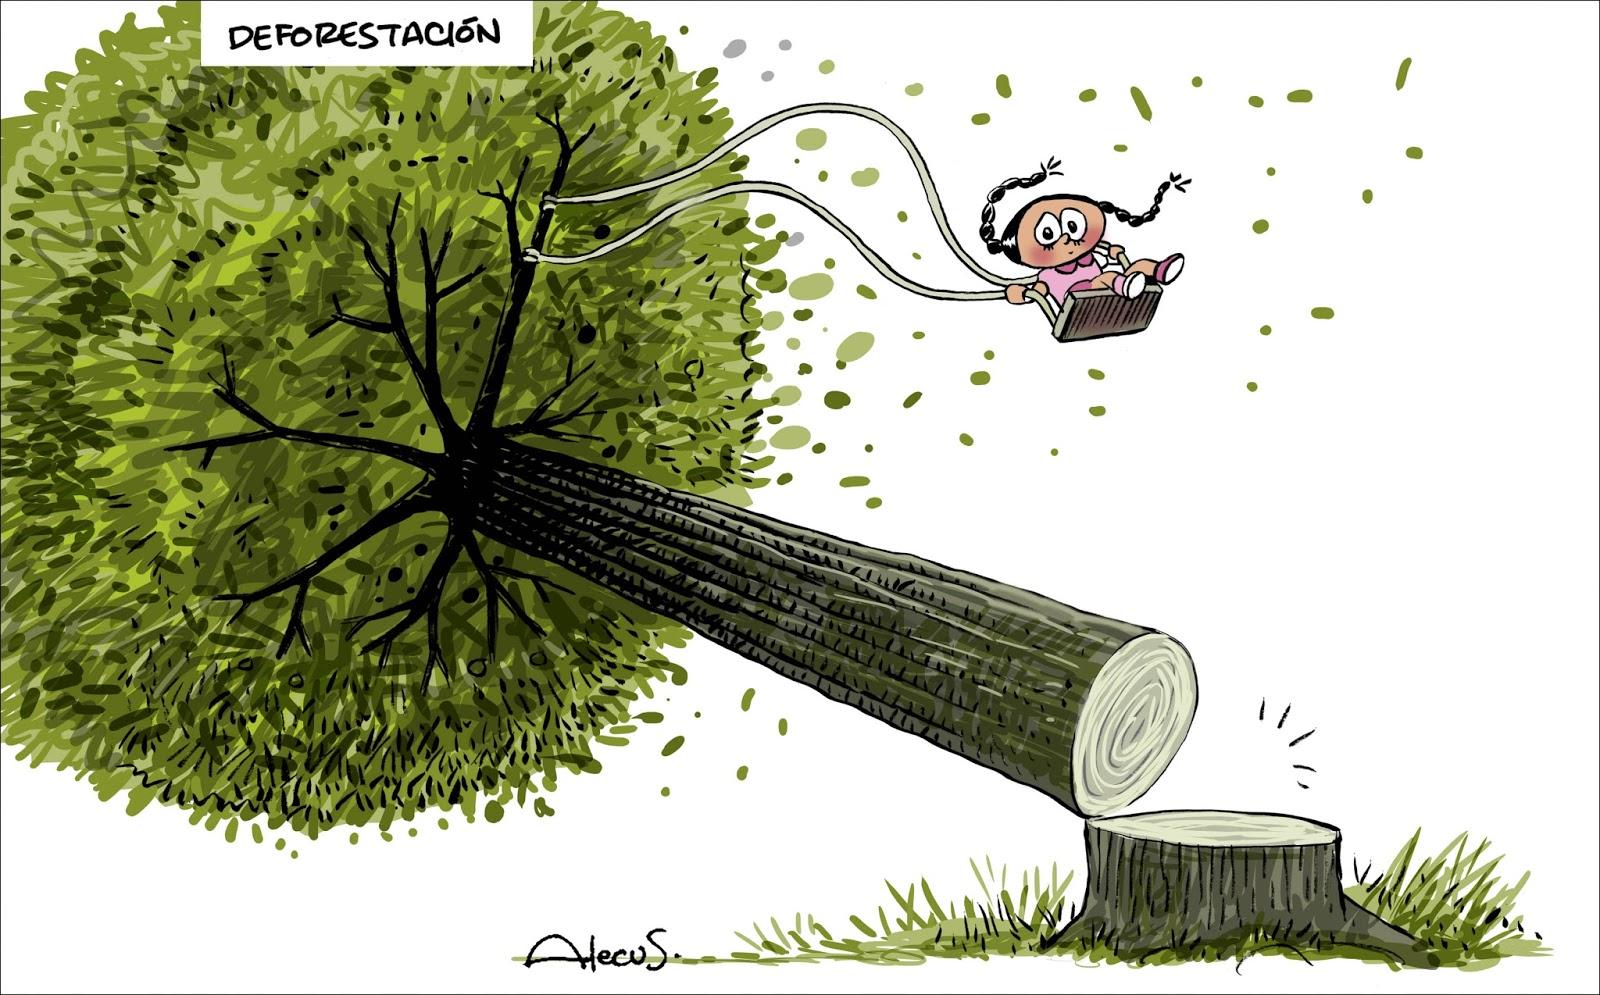 Alecus: Deforestación